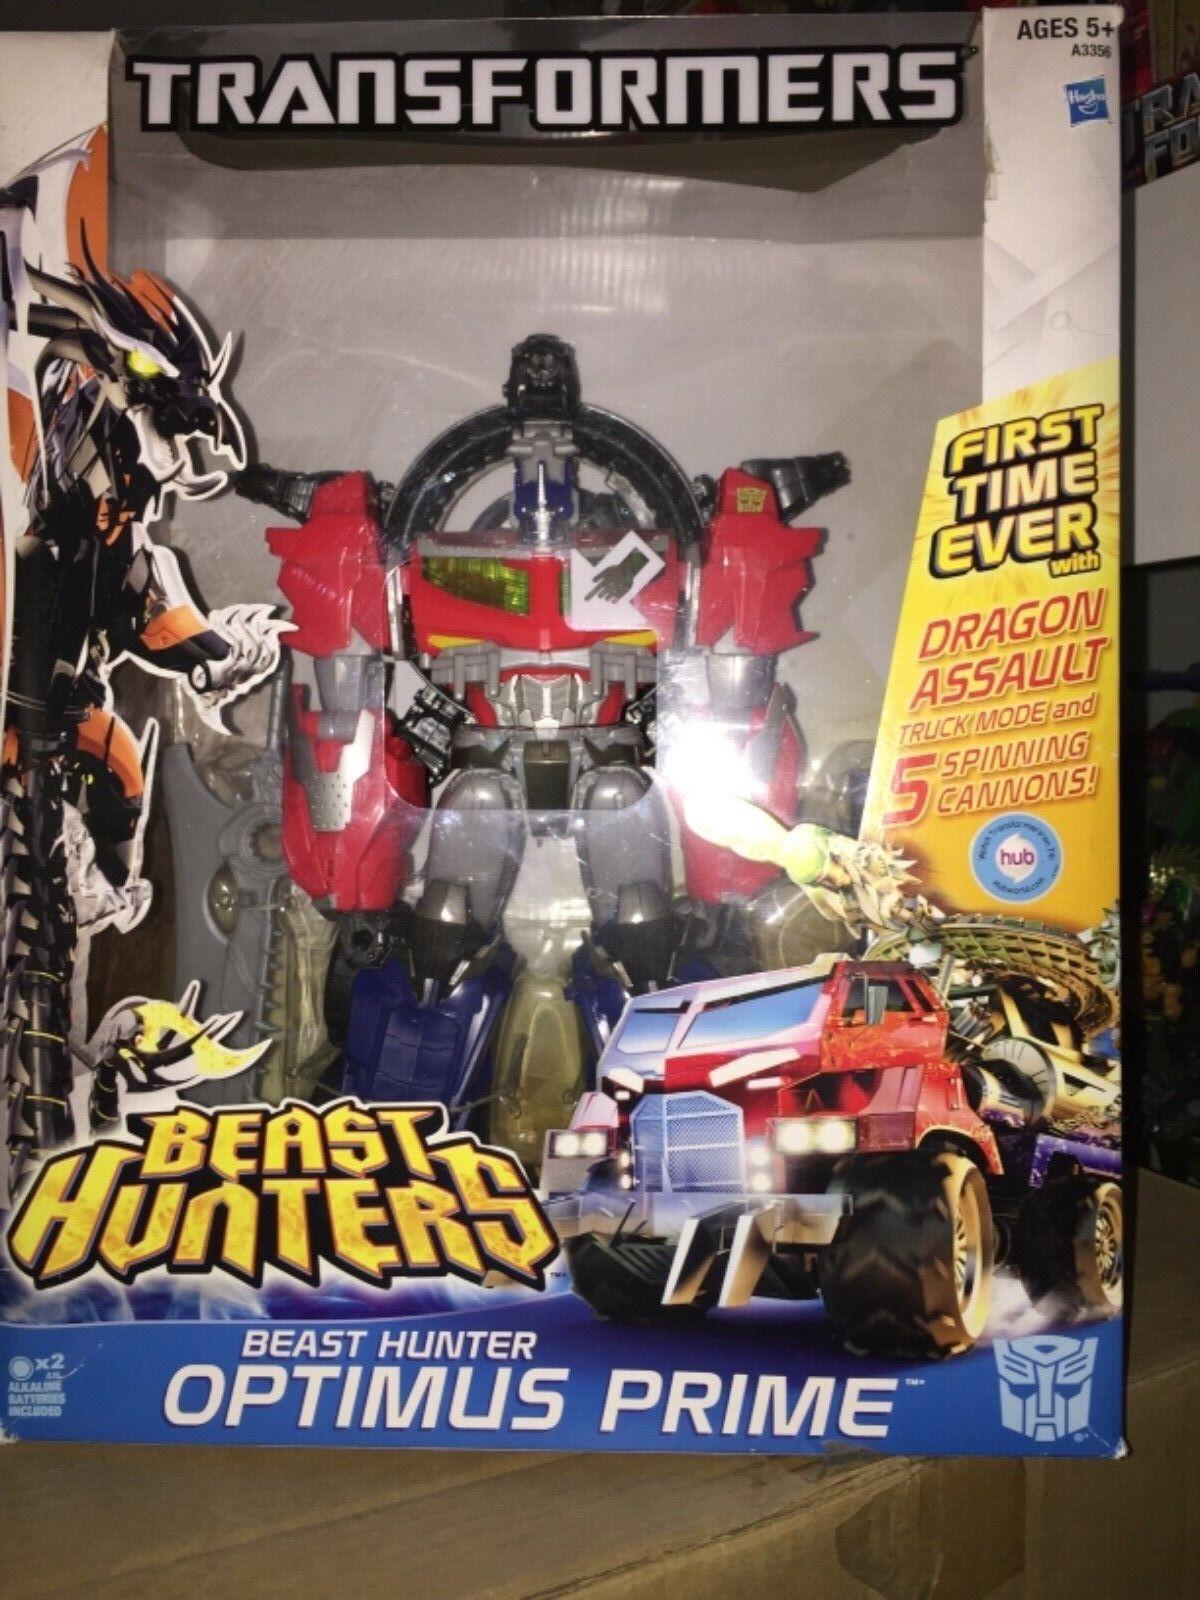 venta caliente Transformers Beast Hunters Optimus Prime Prime Prime Figura de acción de asalto dragón enorme-Nuevo  distribución global